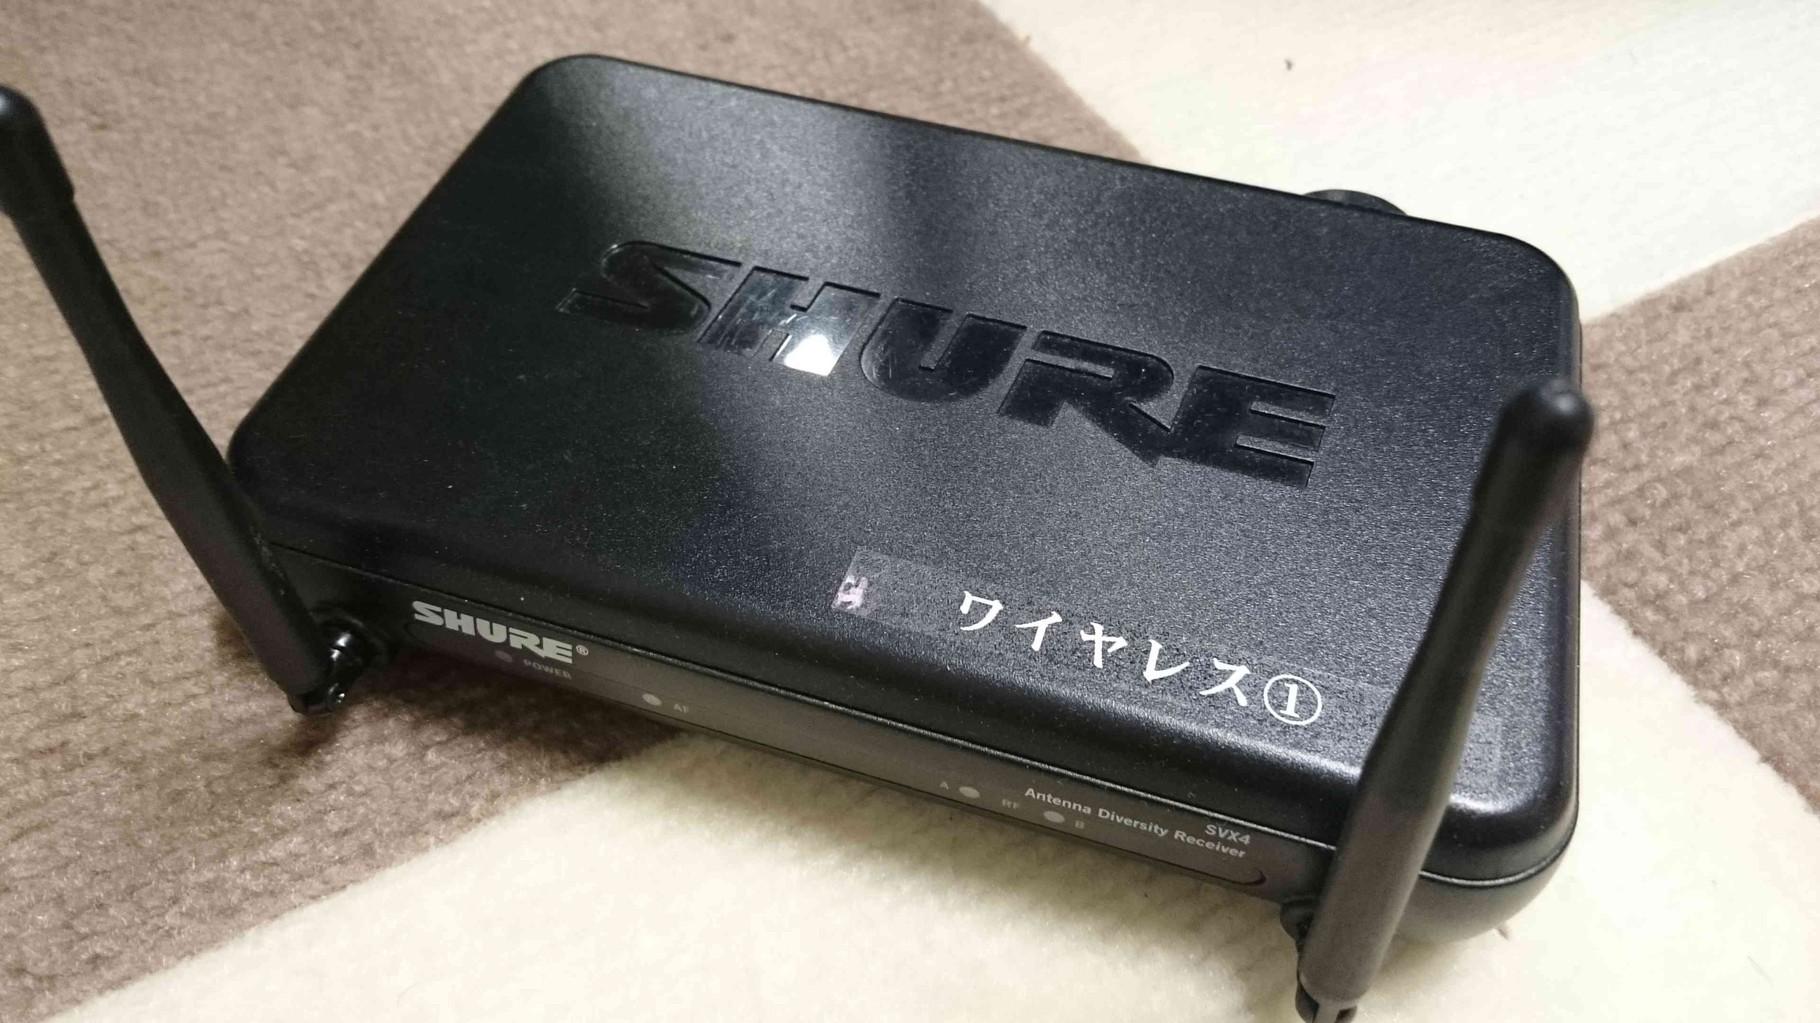 SHURE SVX4